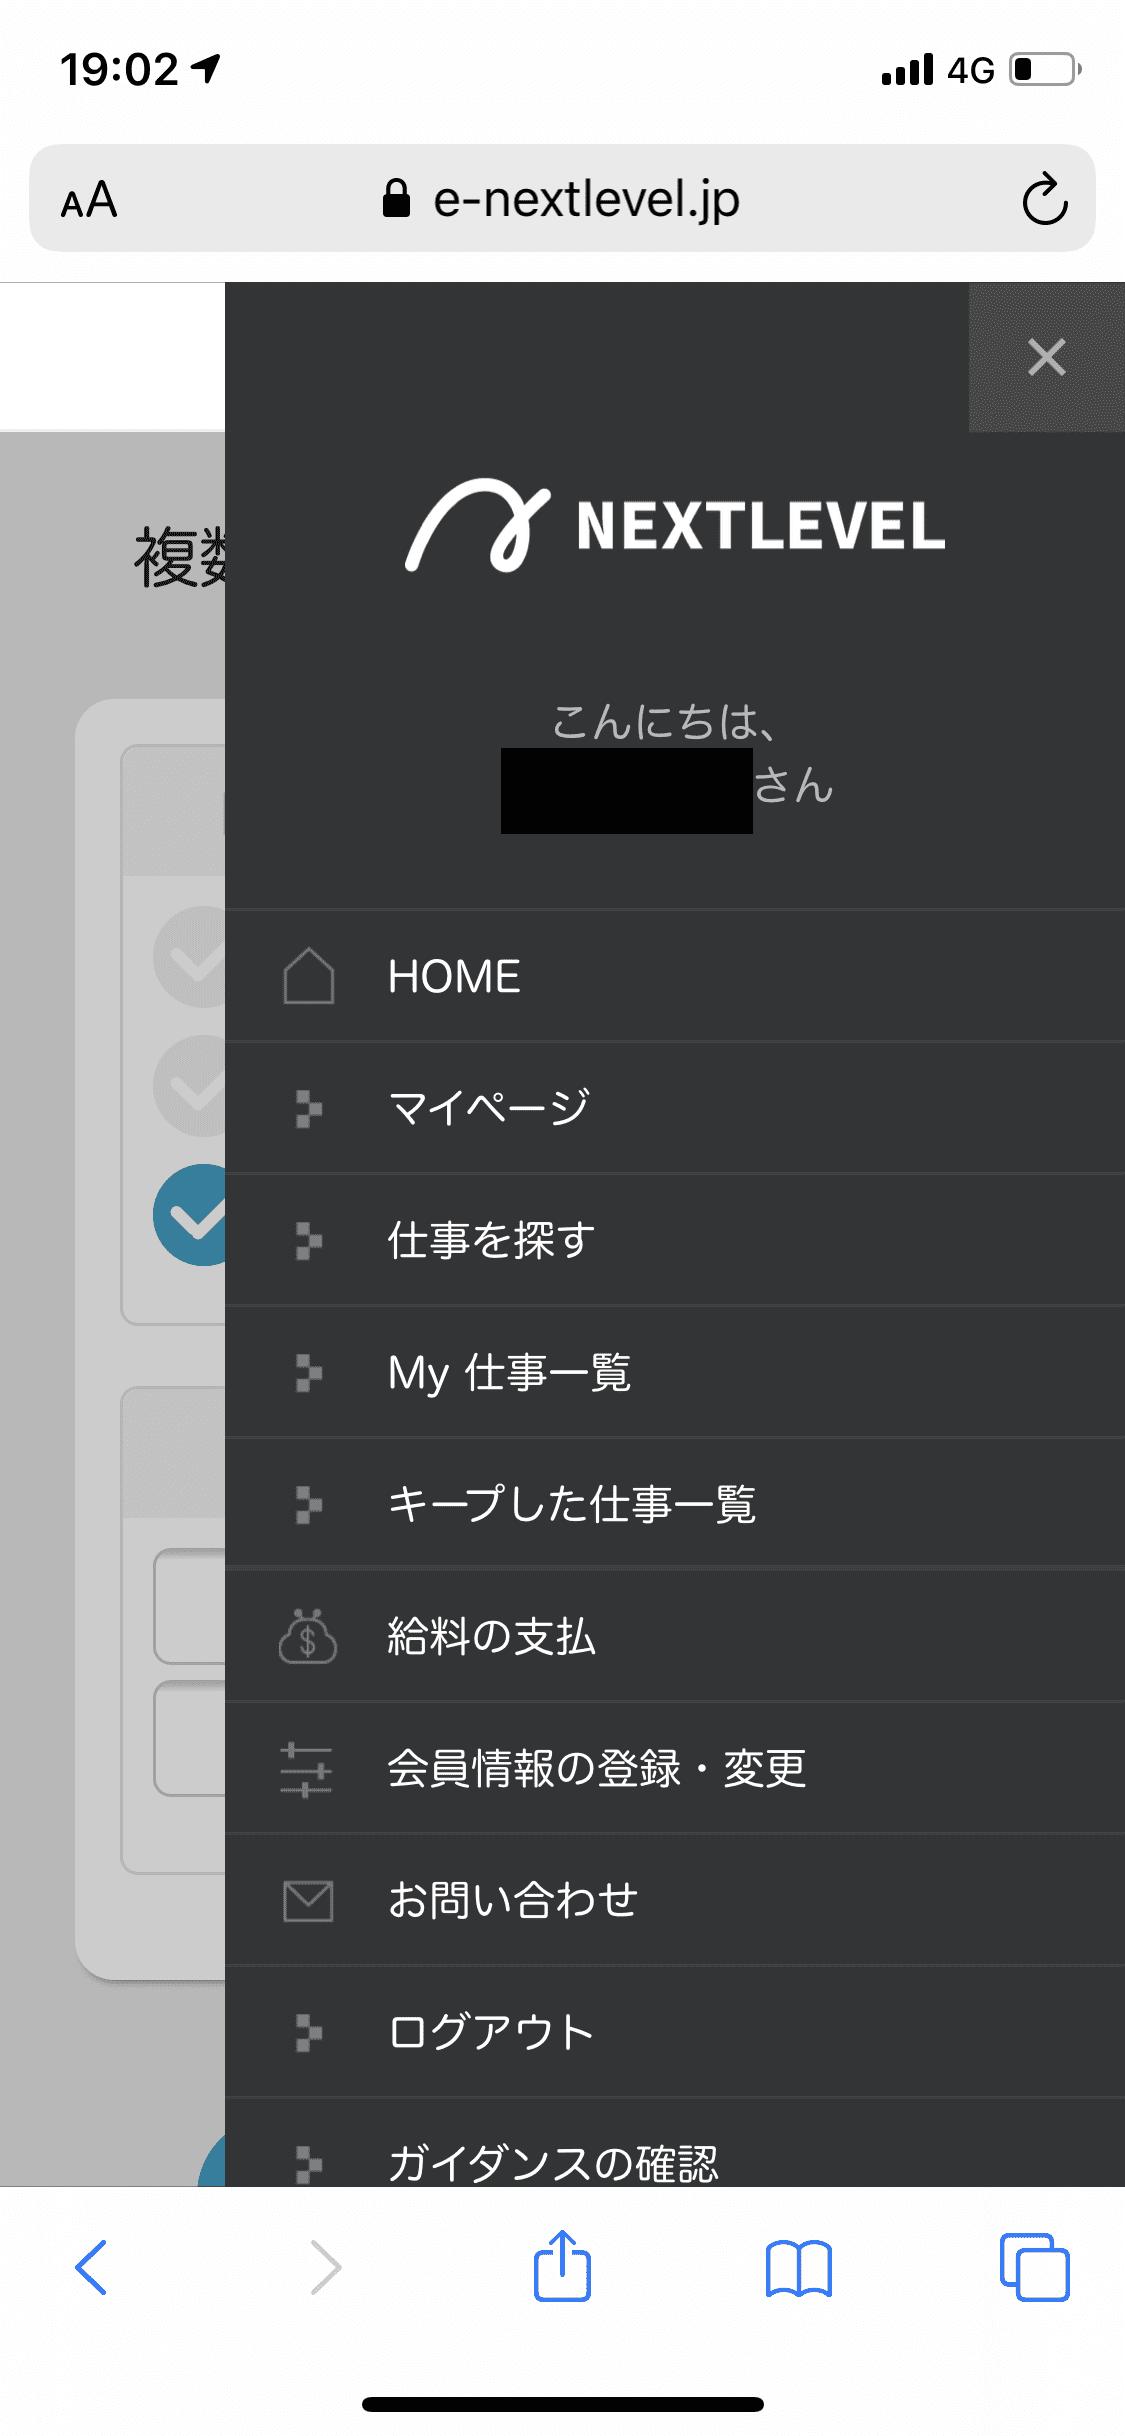 ネクストレベル 大阪オフィス